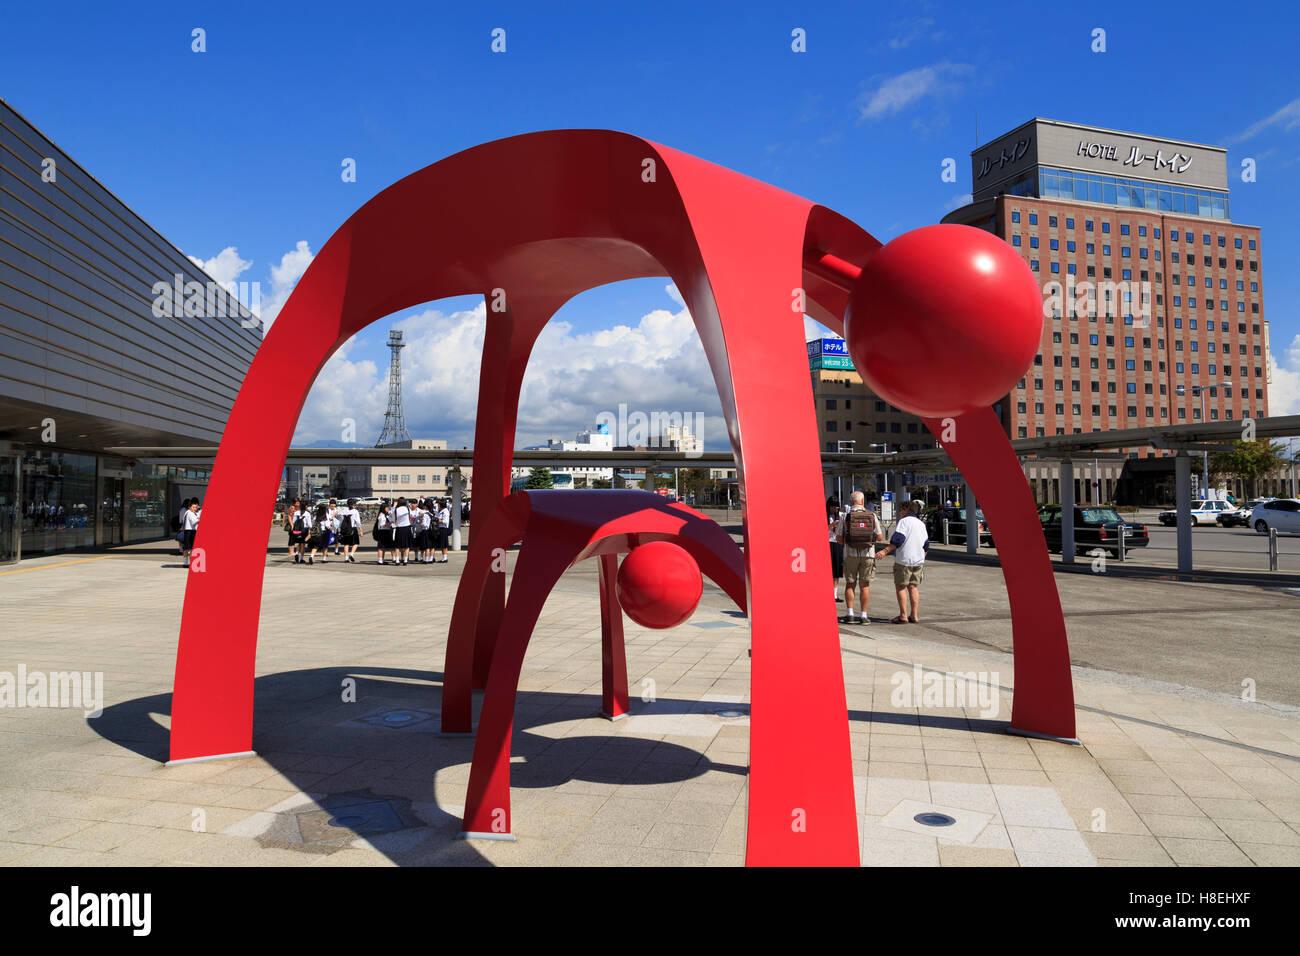 La gare JR, ville Hakodate, Hokkaido Prefecture, Japan, Asia Banque D'Images